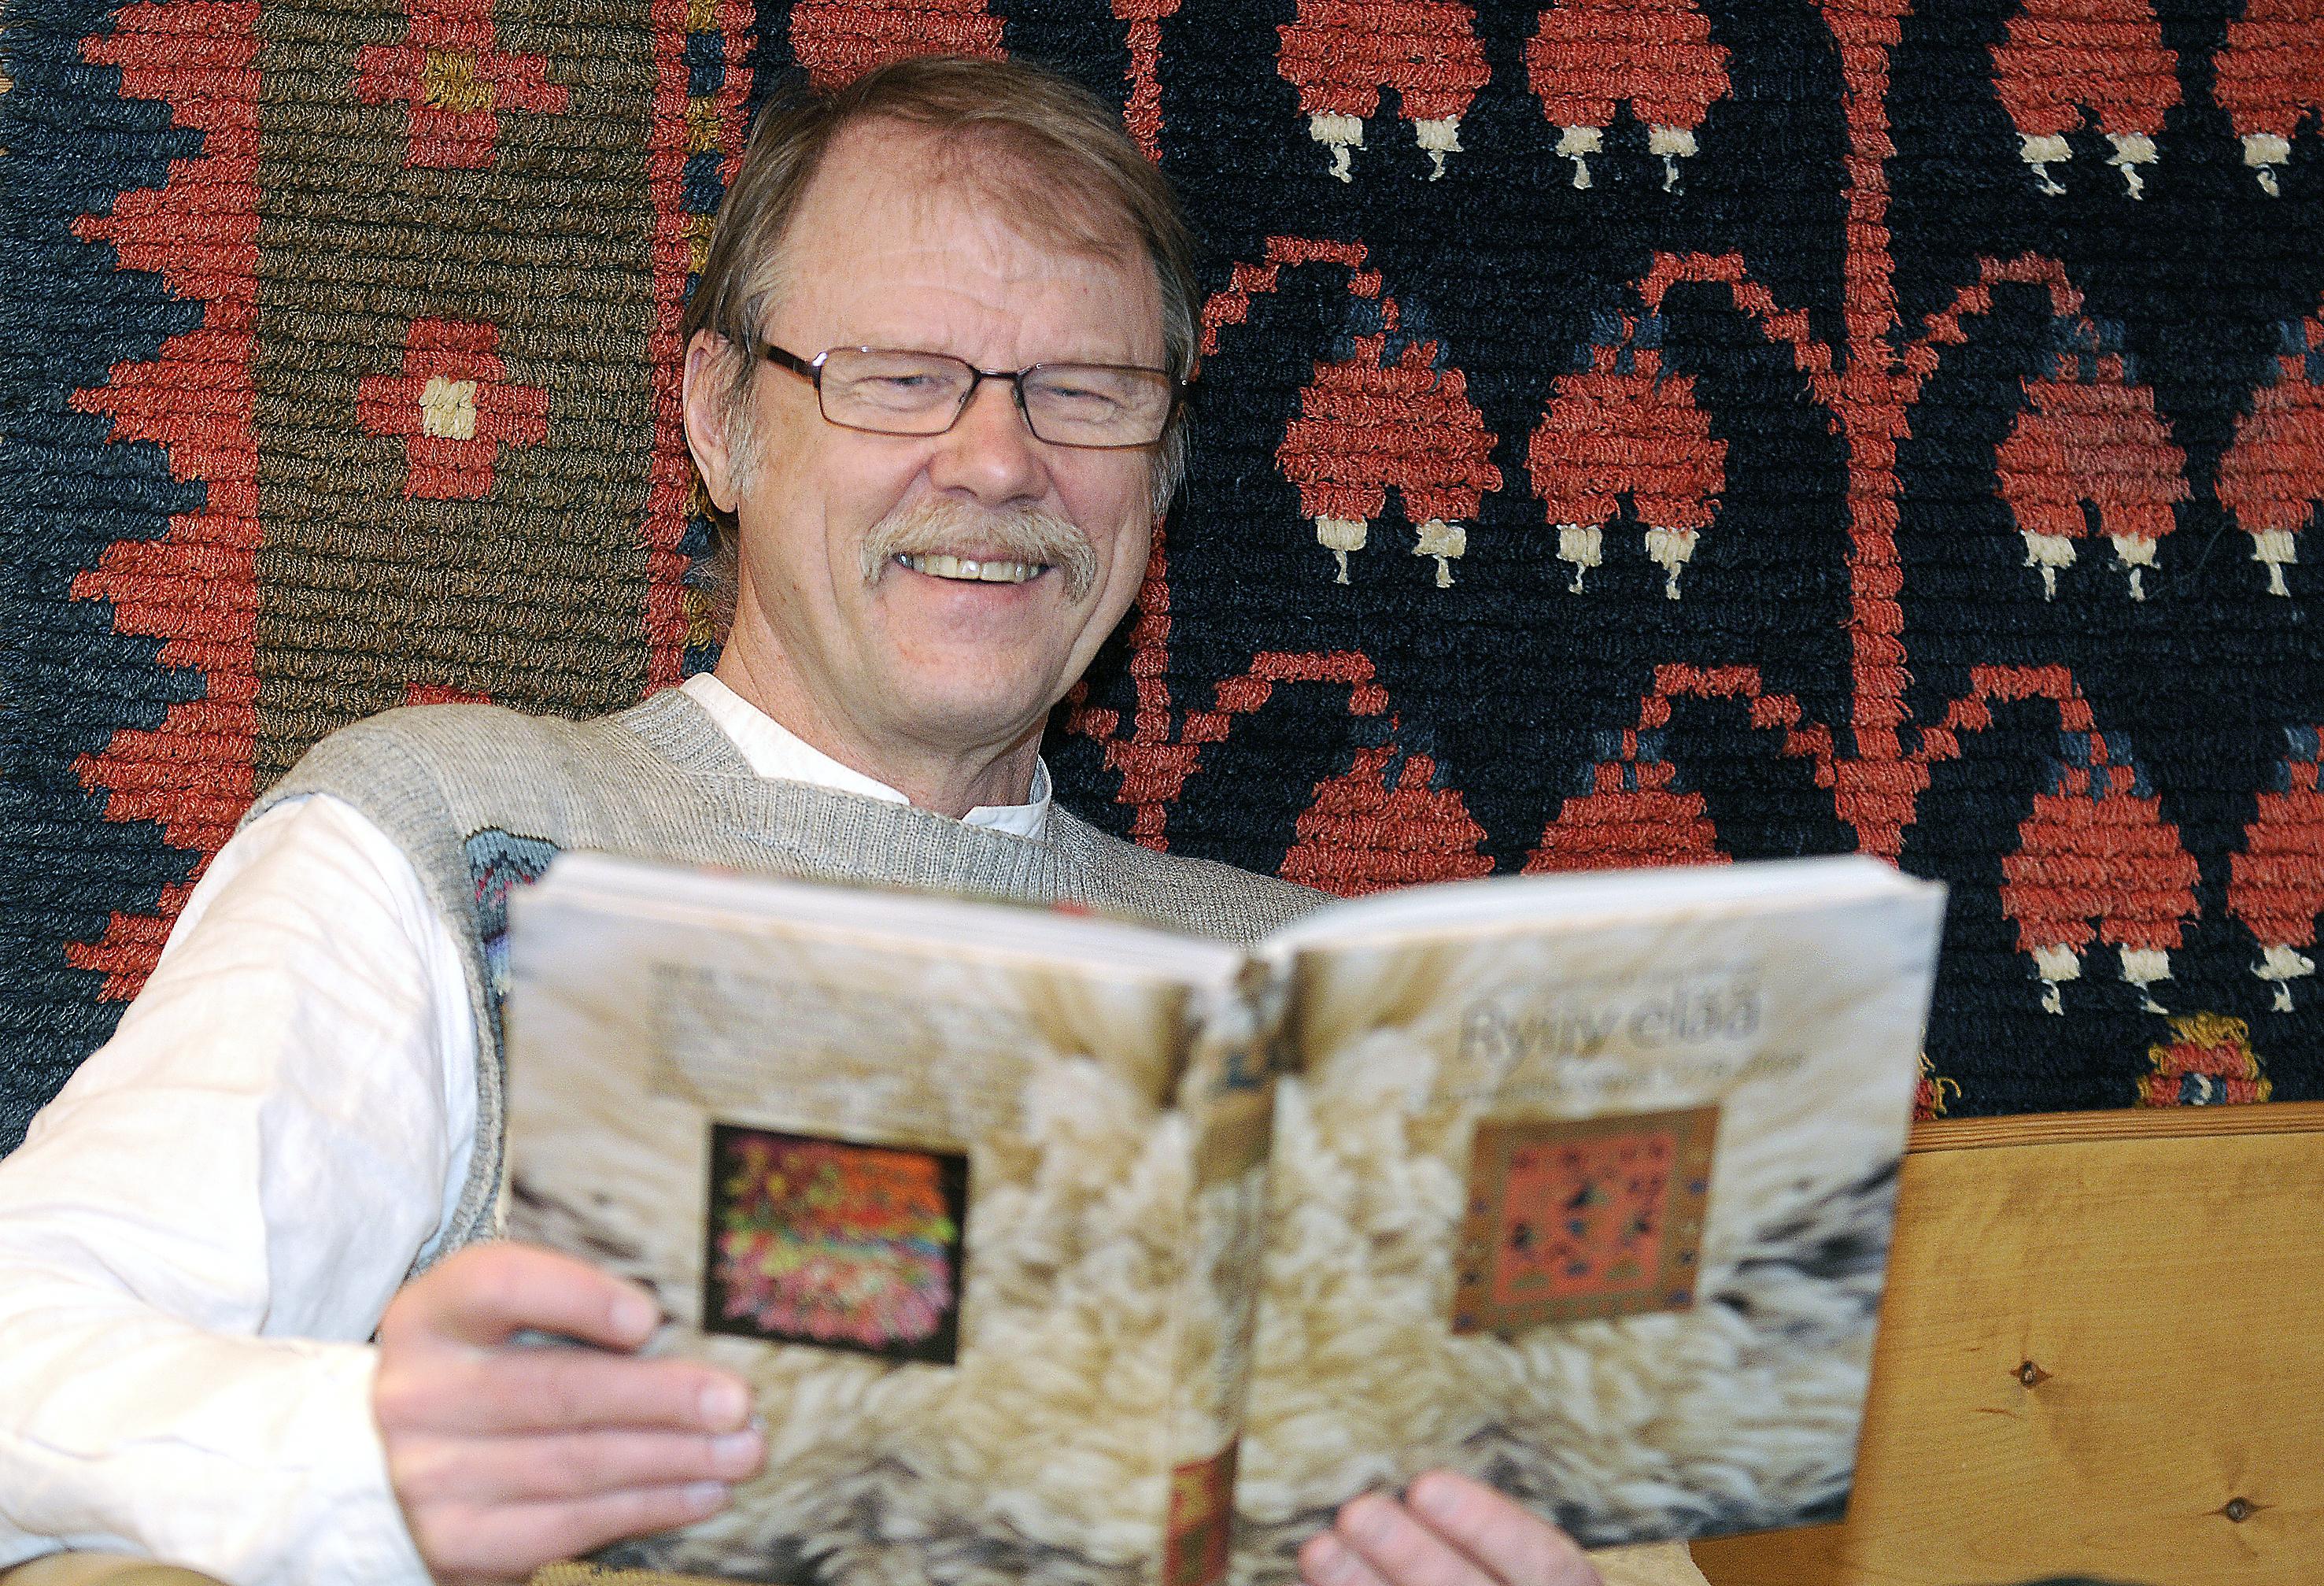 Marraskuussa 2019 Kimmo Pyykkö -taidemuseossa luennoi varkautelainen ryijytaiteen asiantuntija Tuomas Sopanen, joka valottaa teemaa keräilyn näkökulmasta.